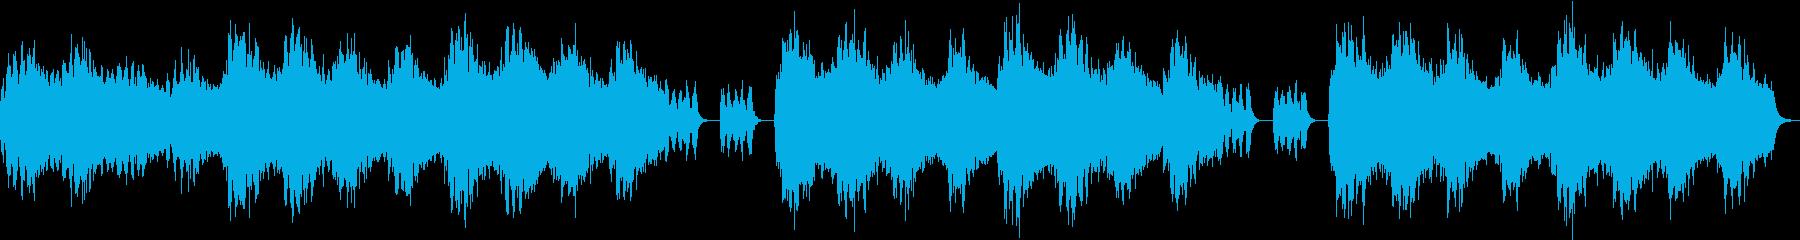 ストレスや不安を軽減する安らぎ音楽の再生済みの波形